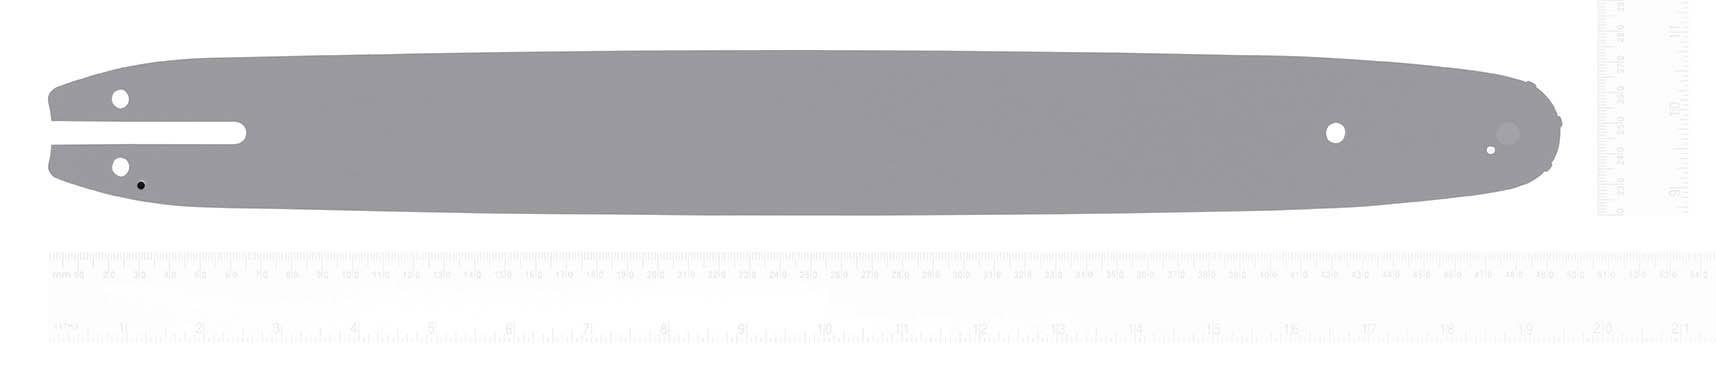 """Schwert BRO031 40 cm/16"""" für McCulloch Kettensägen Bild 1"""